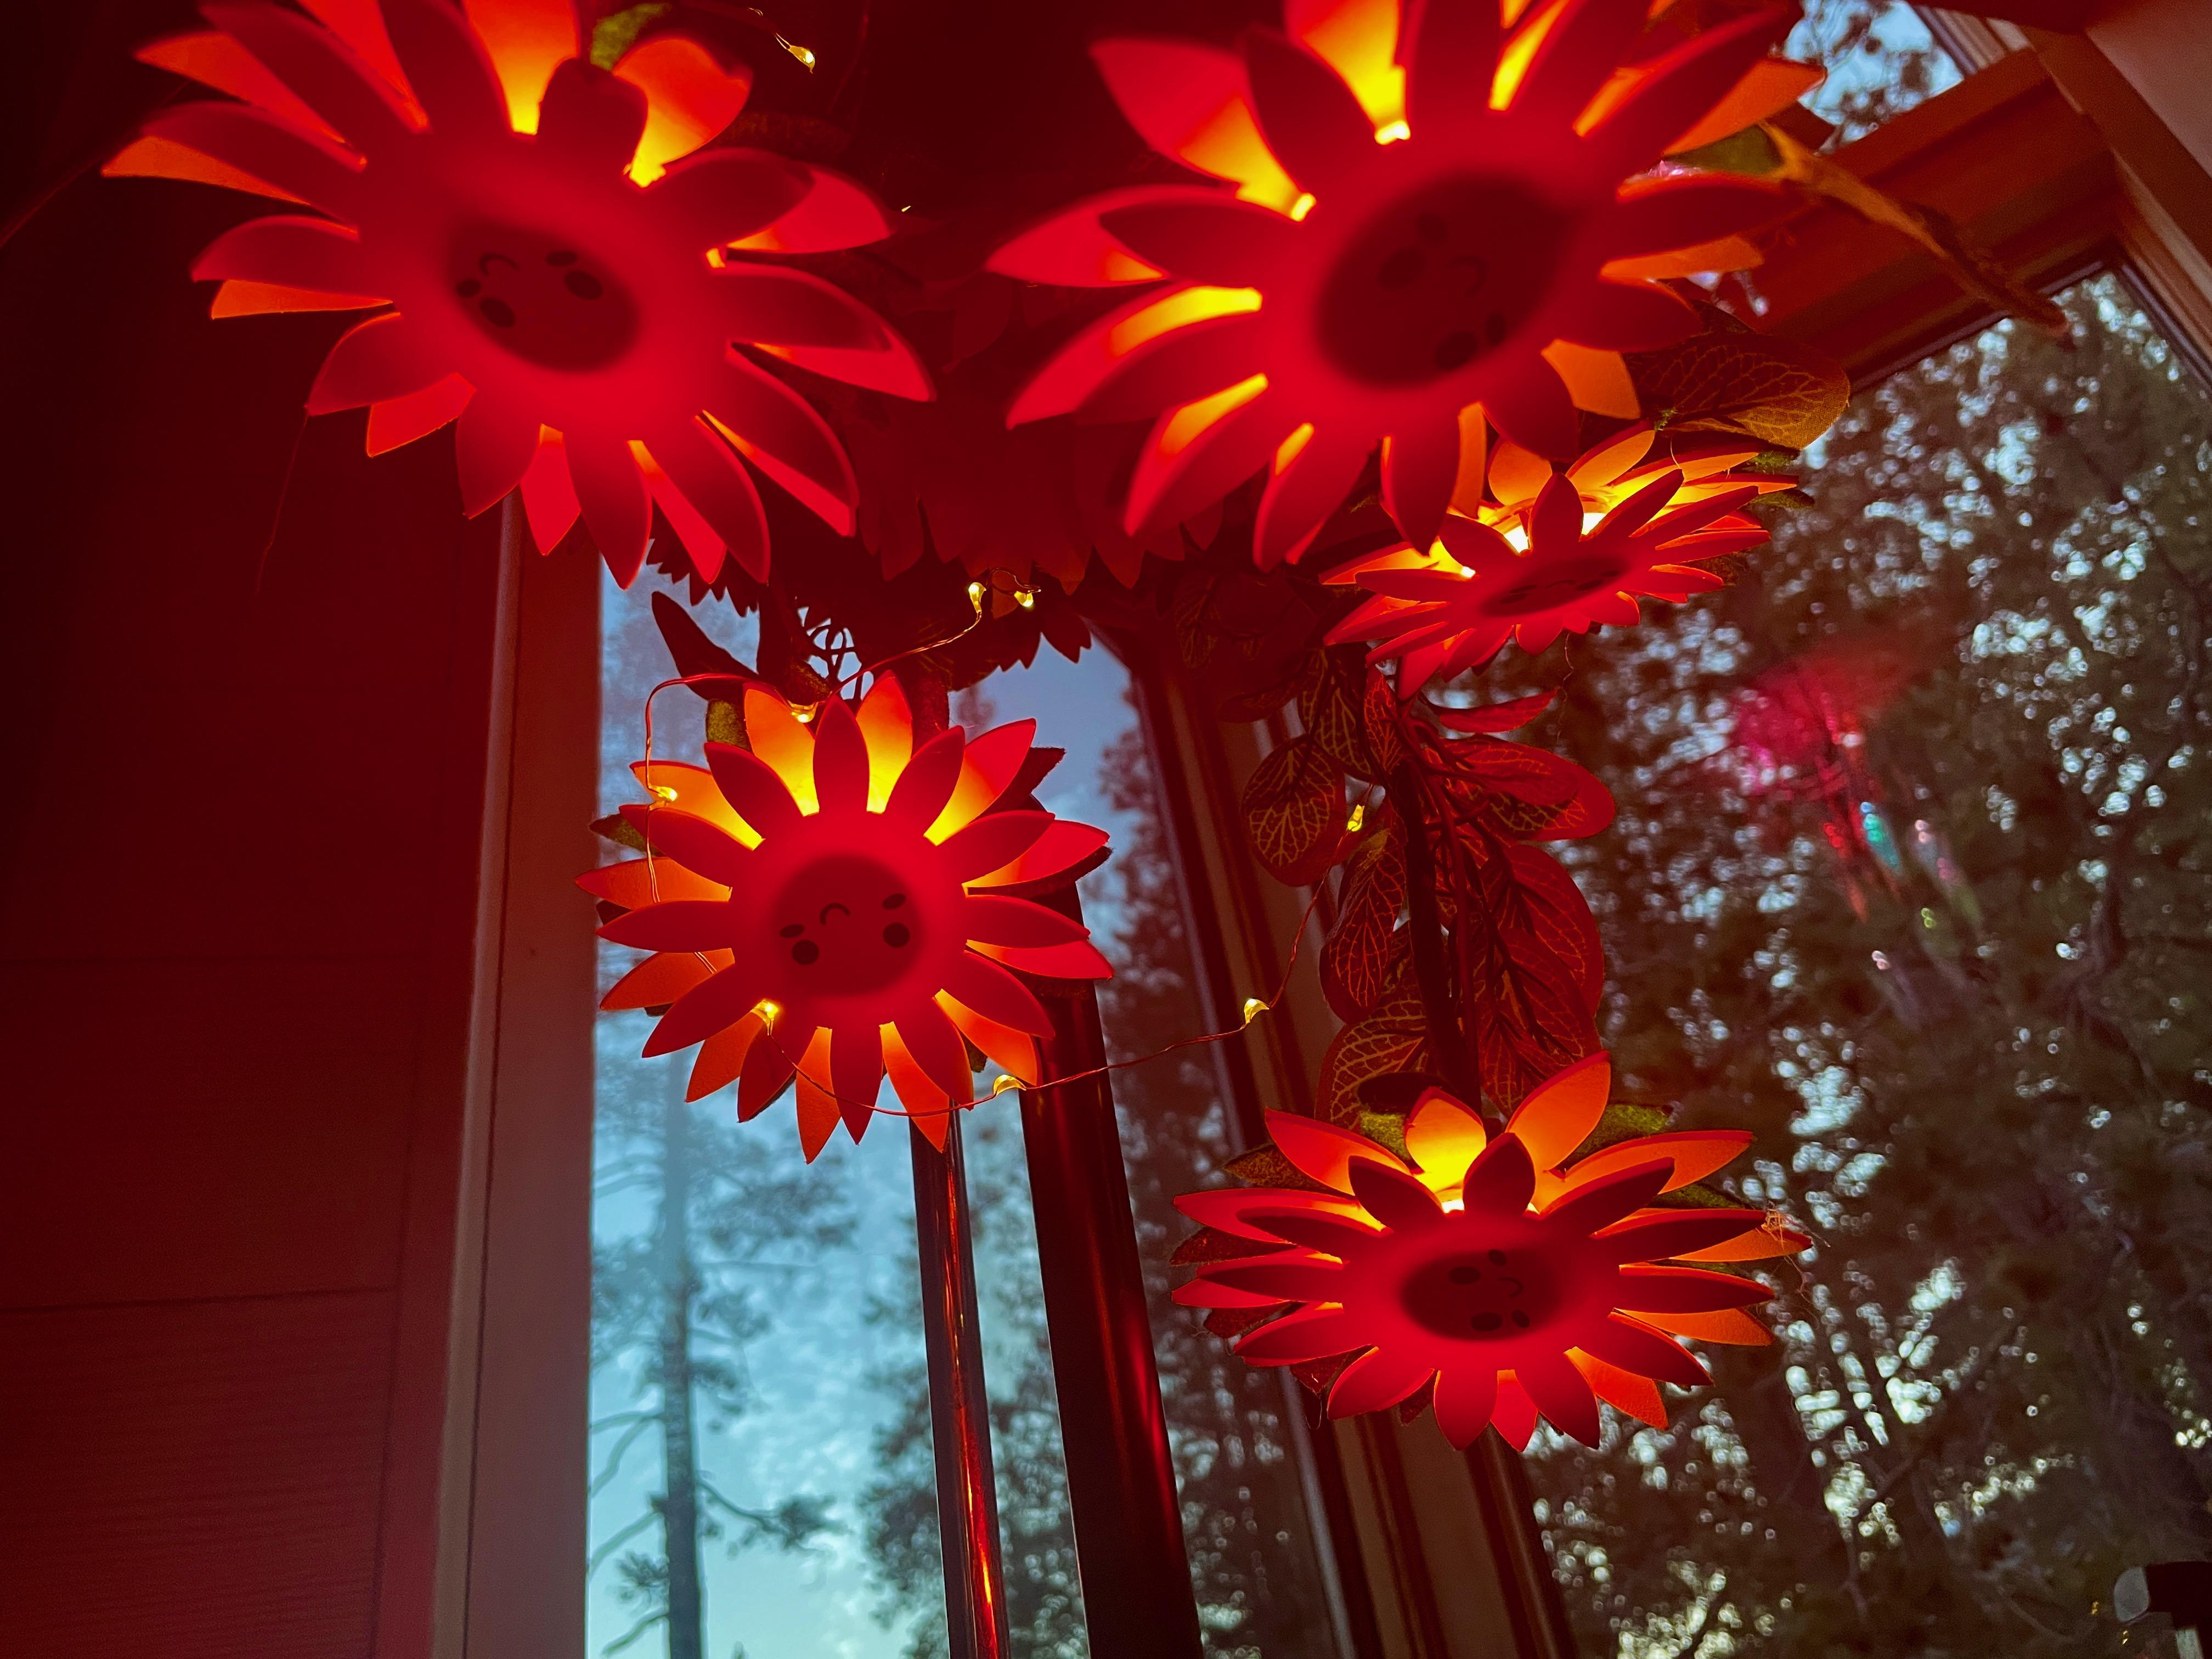 led_strips_sunflowers_sky.jpeg